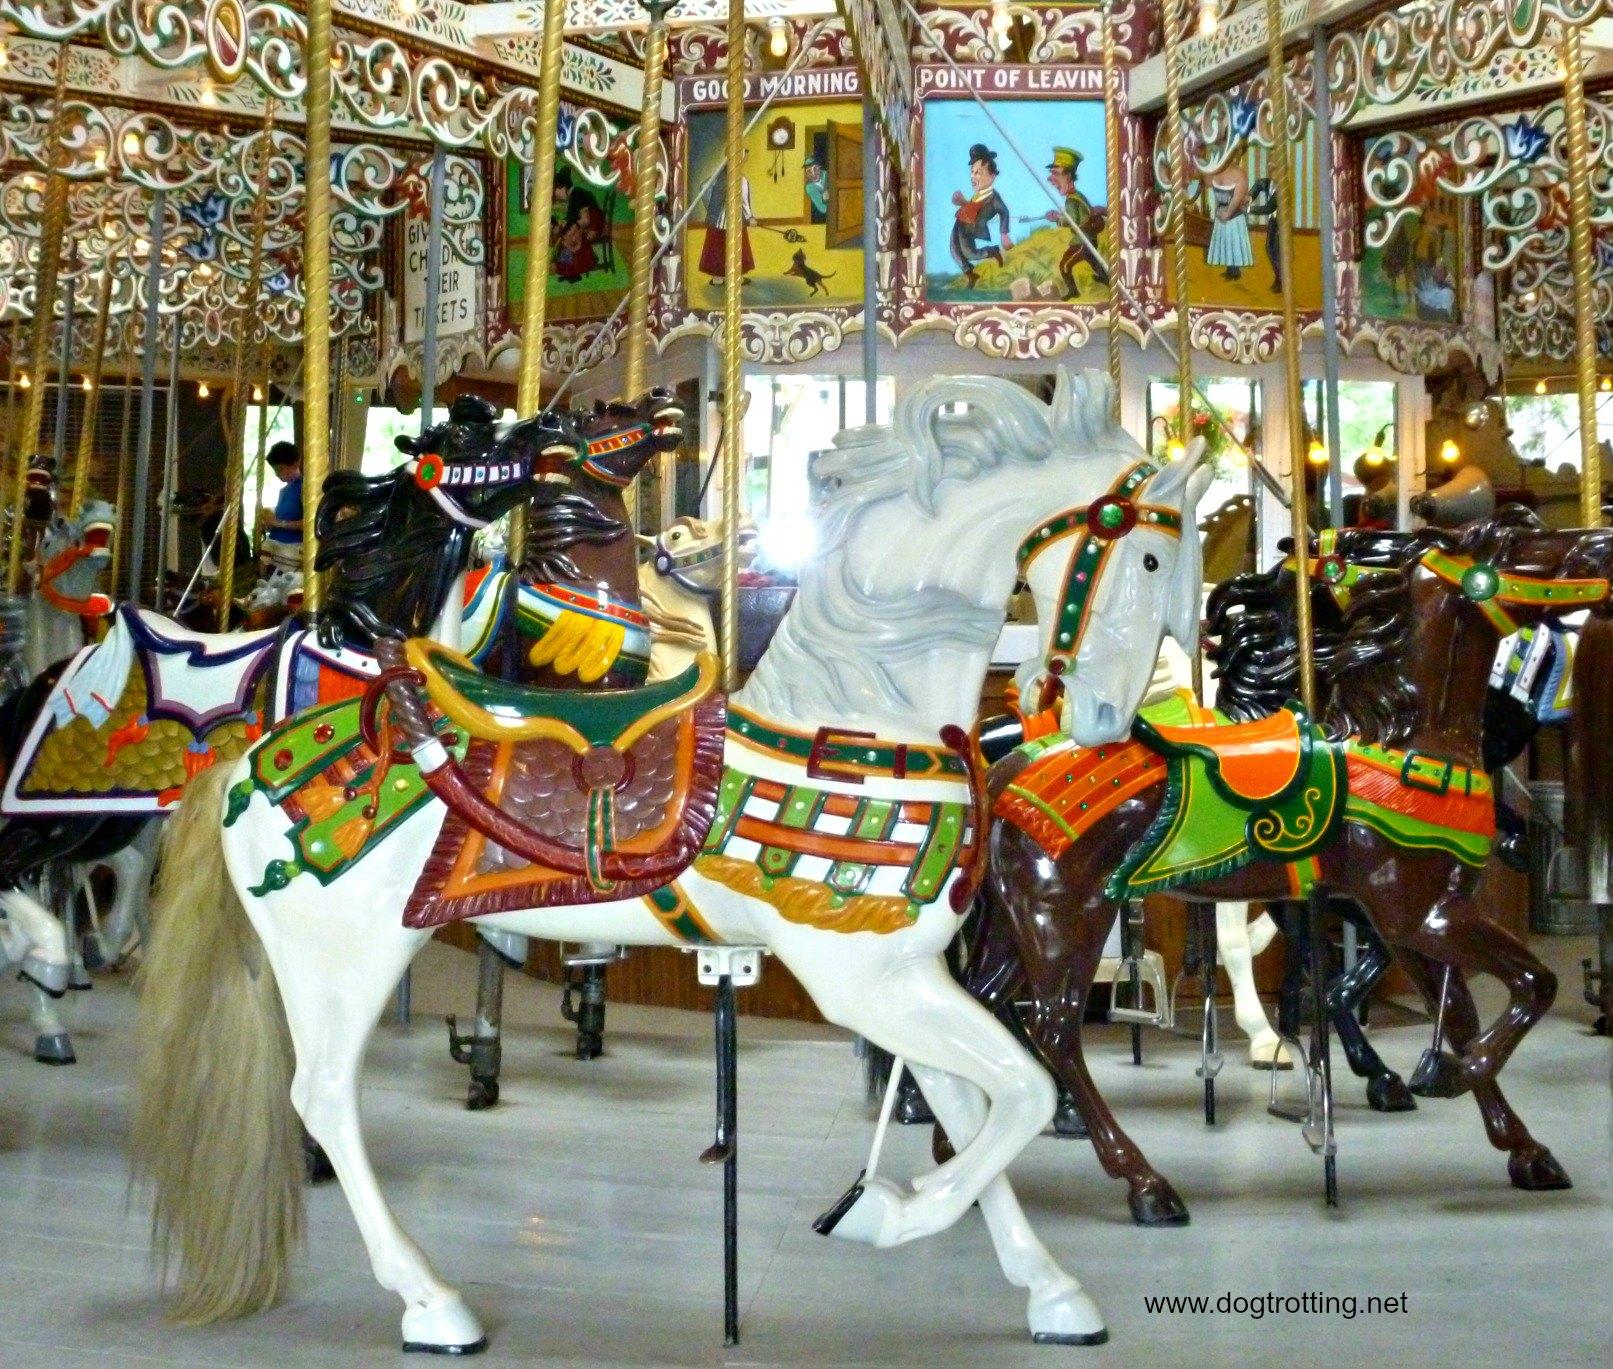 Historic carousel at Knoebels Amusement Resort